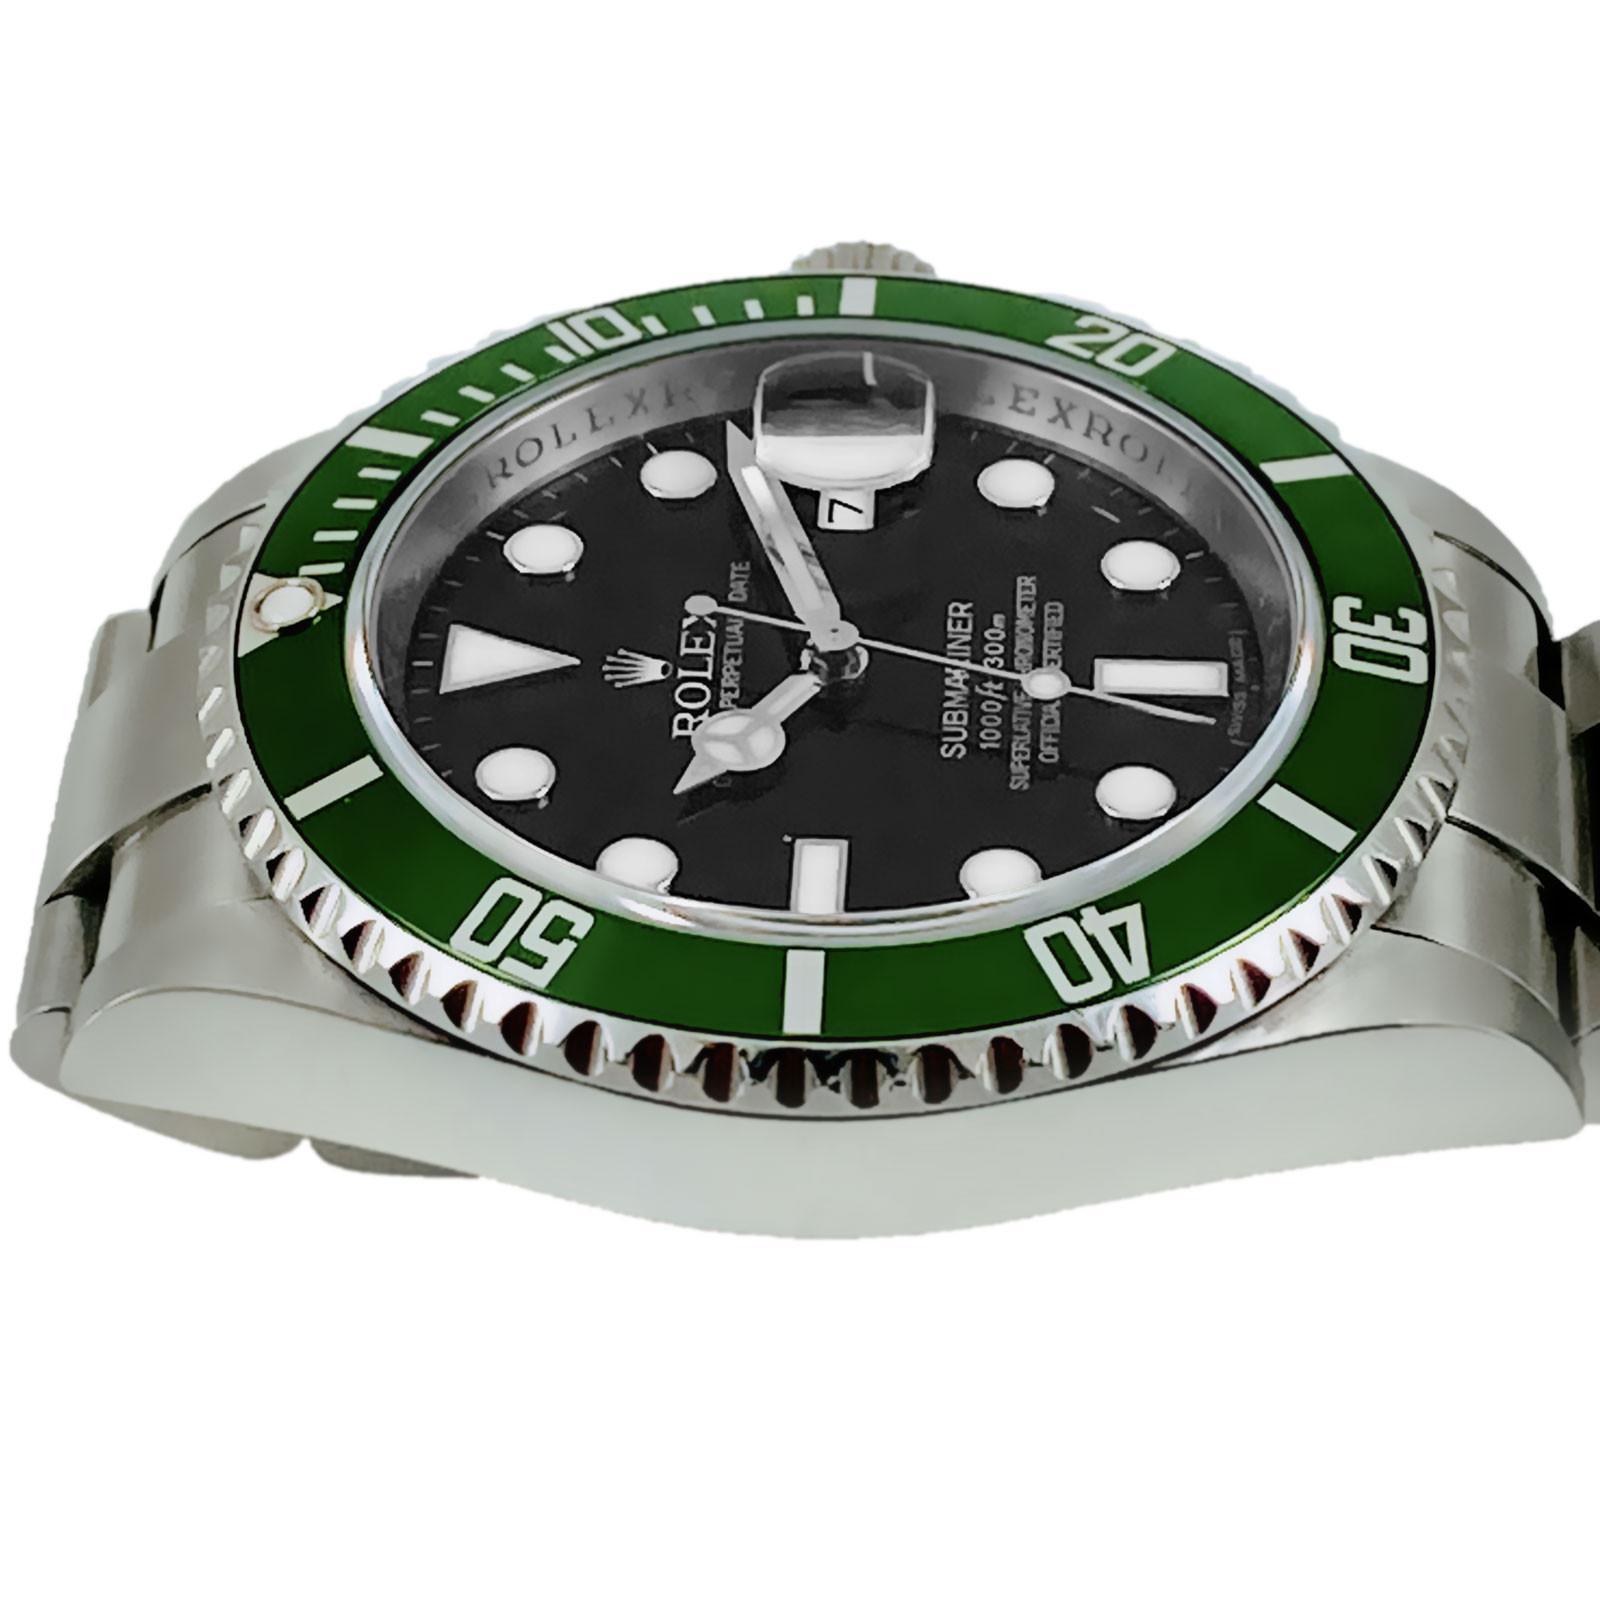 Authentic Rolex Submariner 16610LV